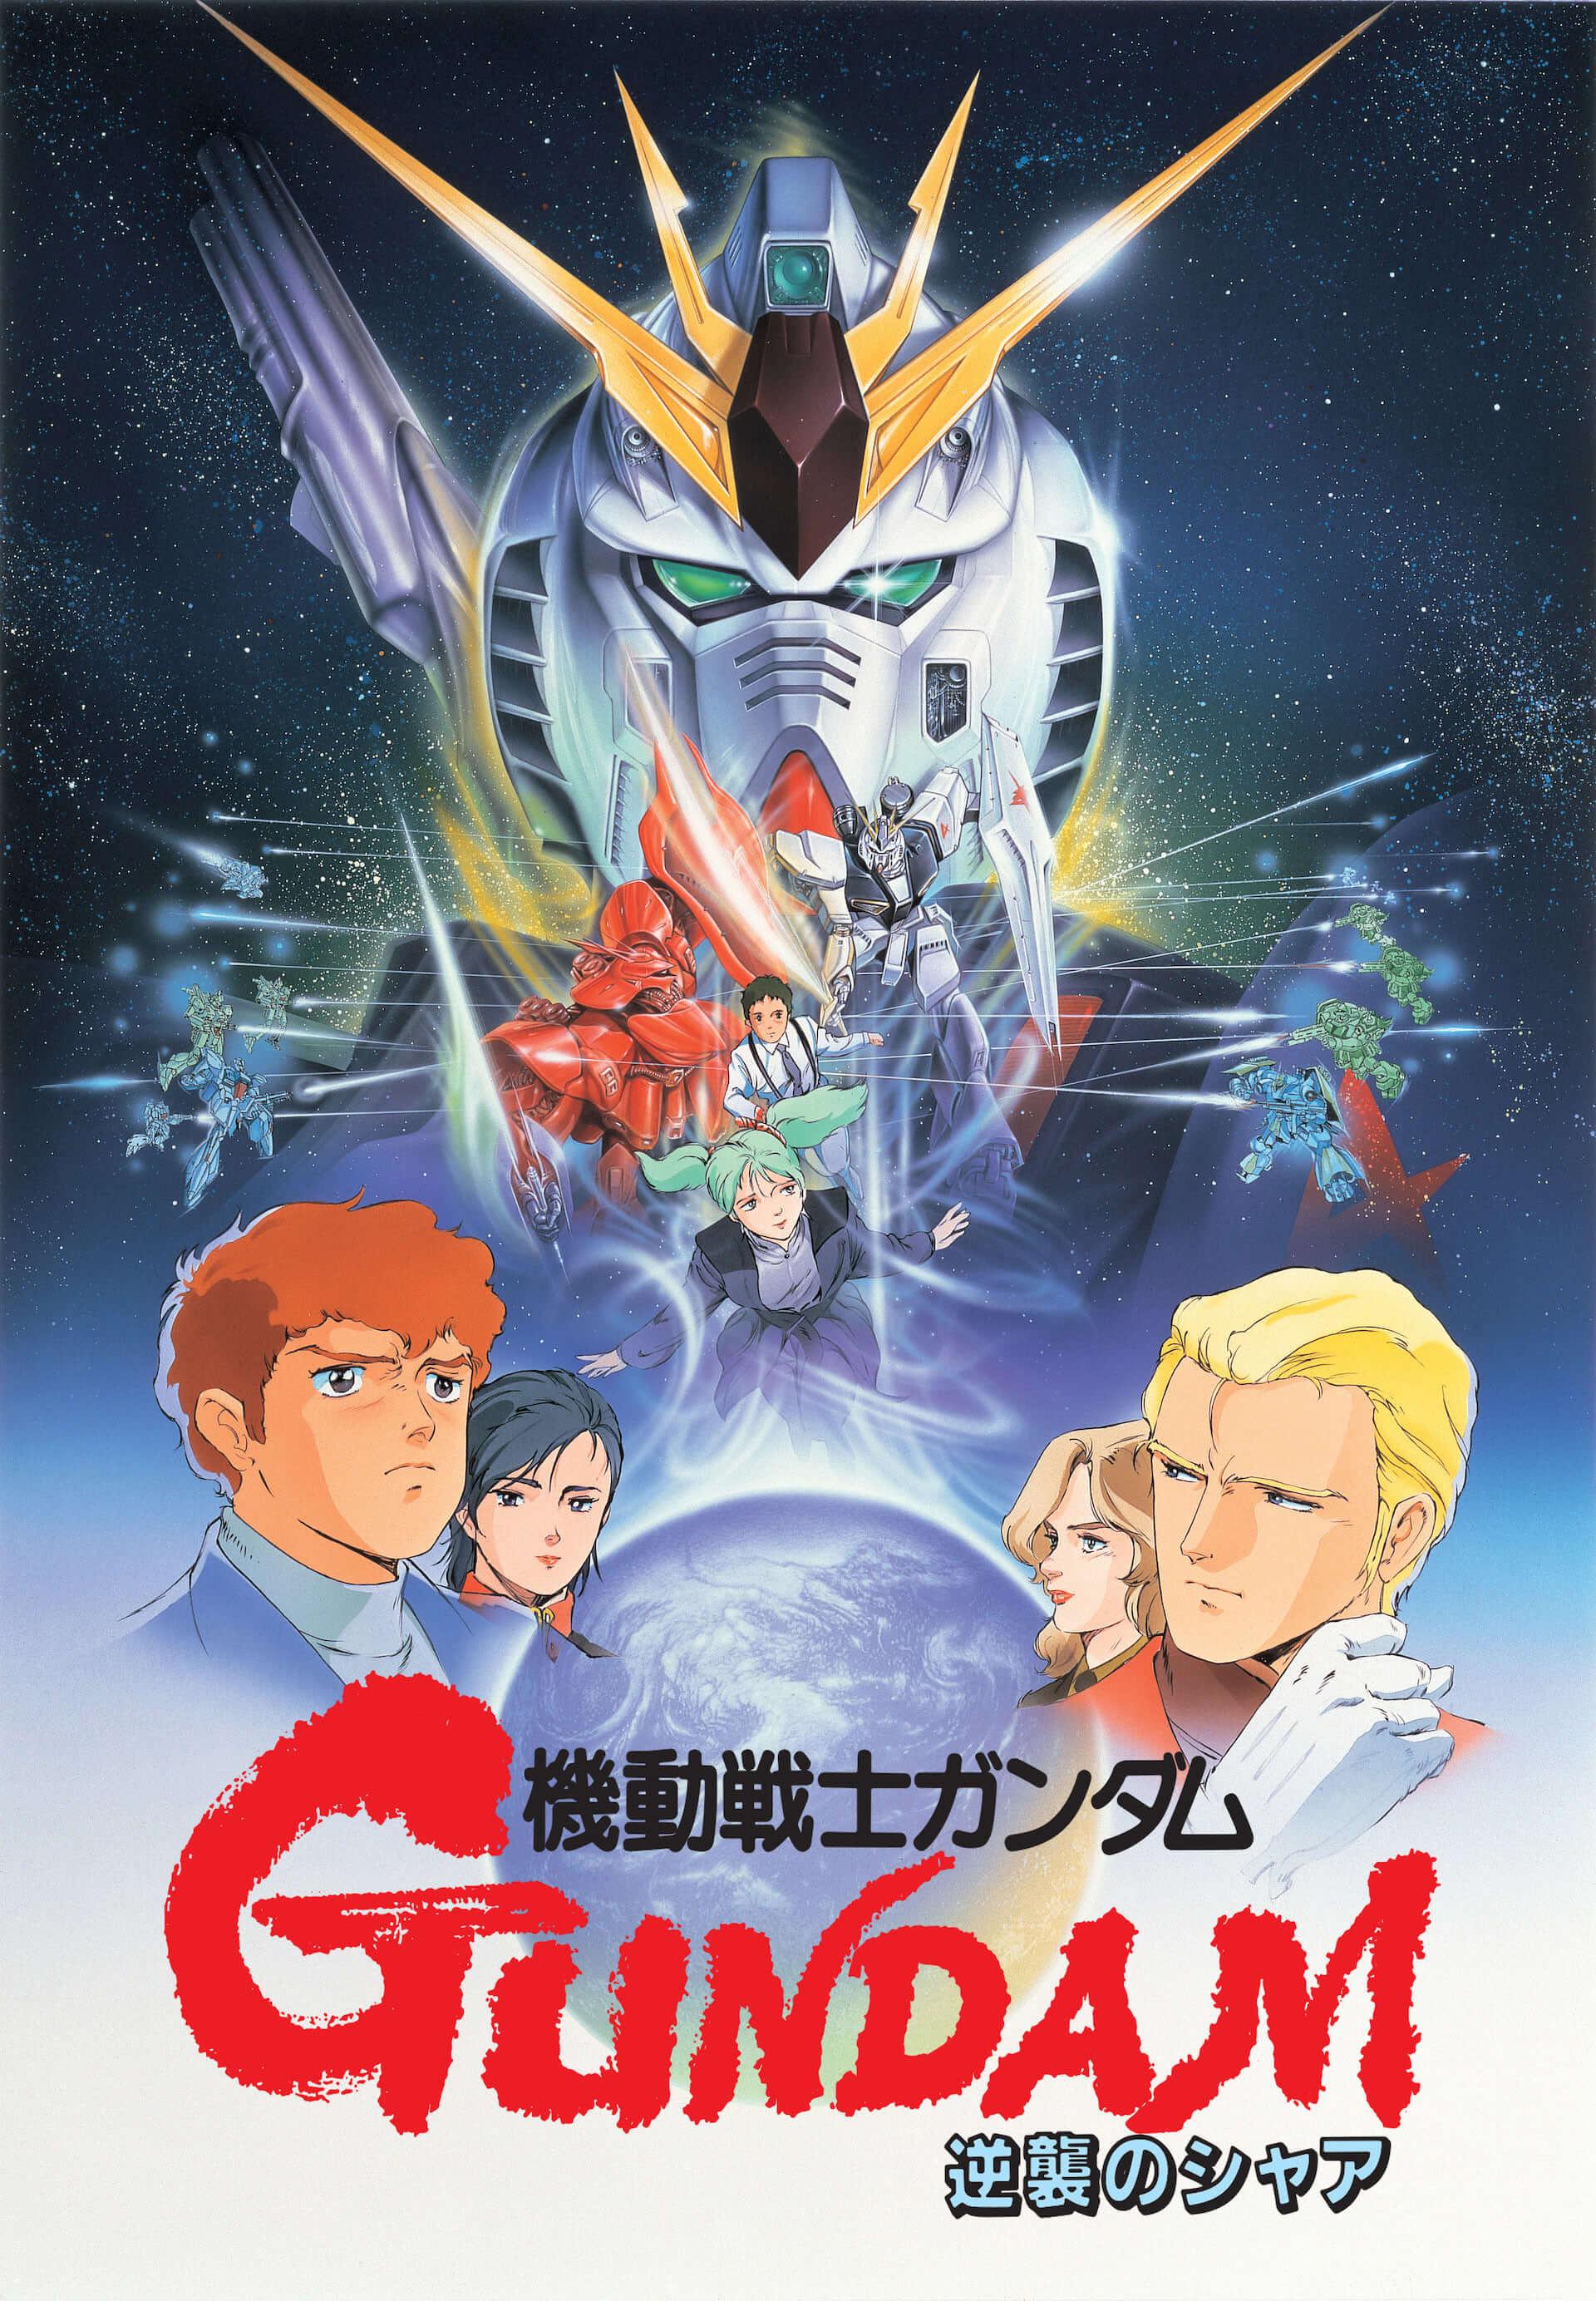 『ガンダムSEED』『ガンダム00』のスペシャルエディションが劇場初上映決定!『逆襲のシャア』など3作品の4DXリバイバル上映も film201029_gundam_1-1920x2768